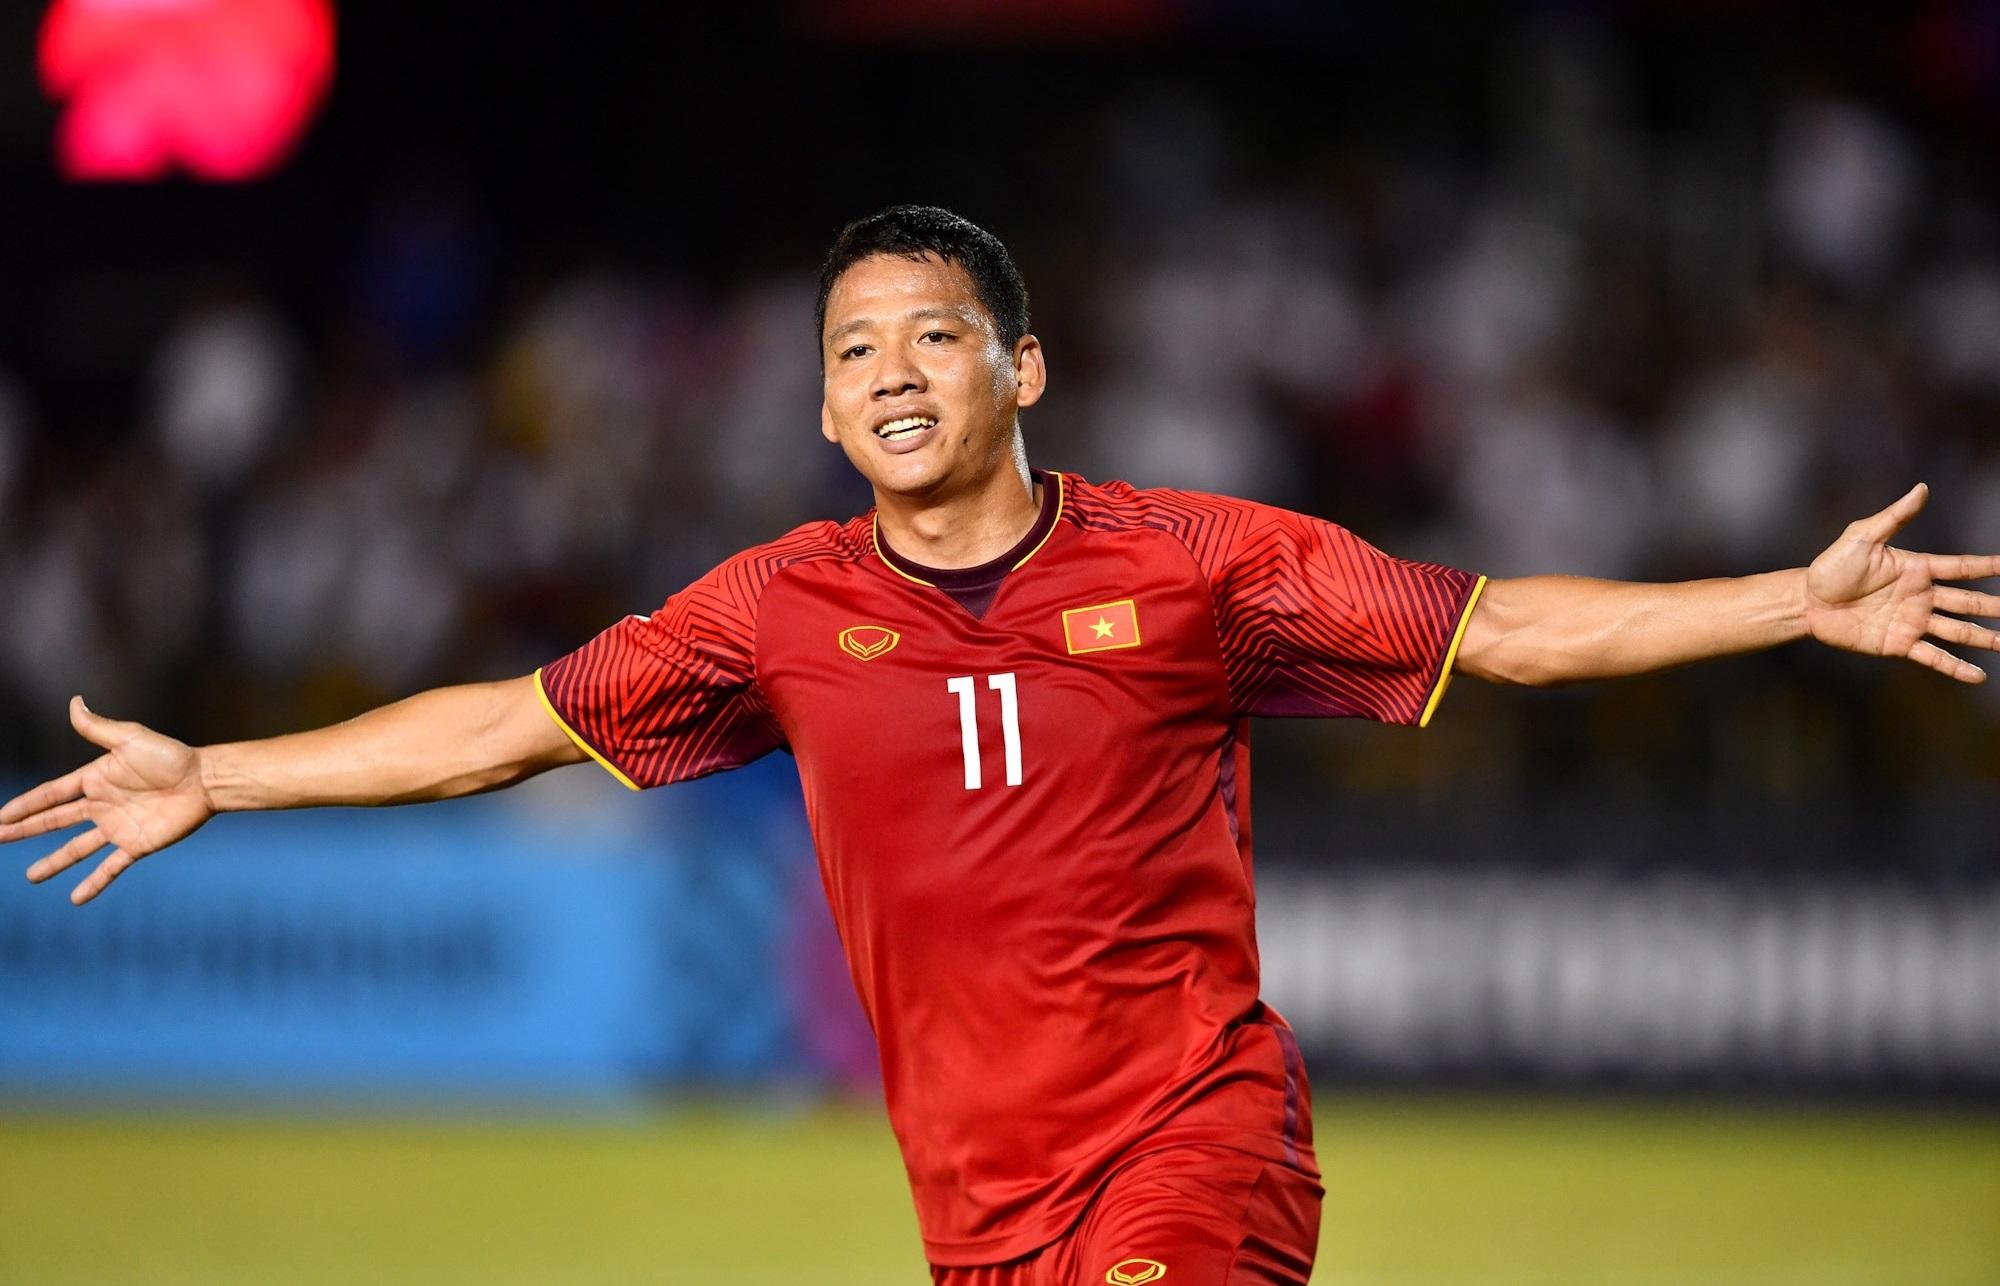 Mới mở màn trận đấu, Anh Đức đã ghi bàn chiếm ưu thế cho đội tuyển Việt Nam, nhận thưởng ngay 1 tỷ - Ảnh 1